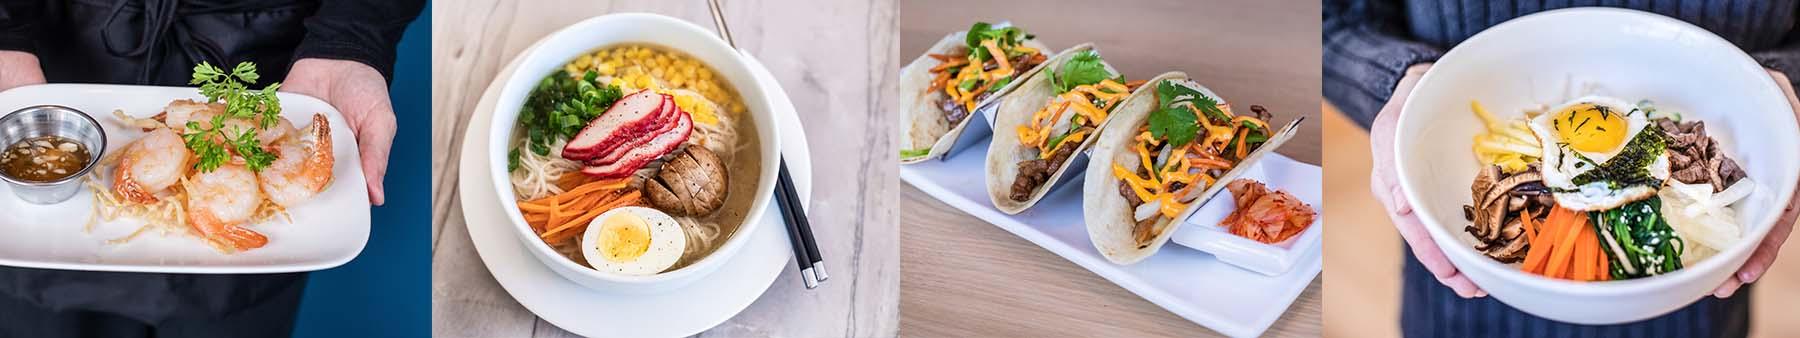 menu banner food.jpg